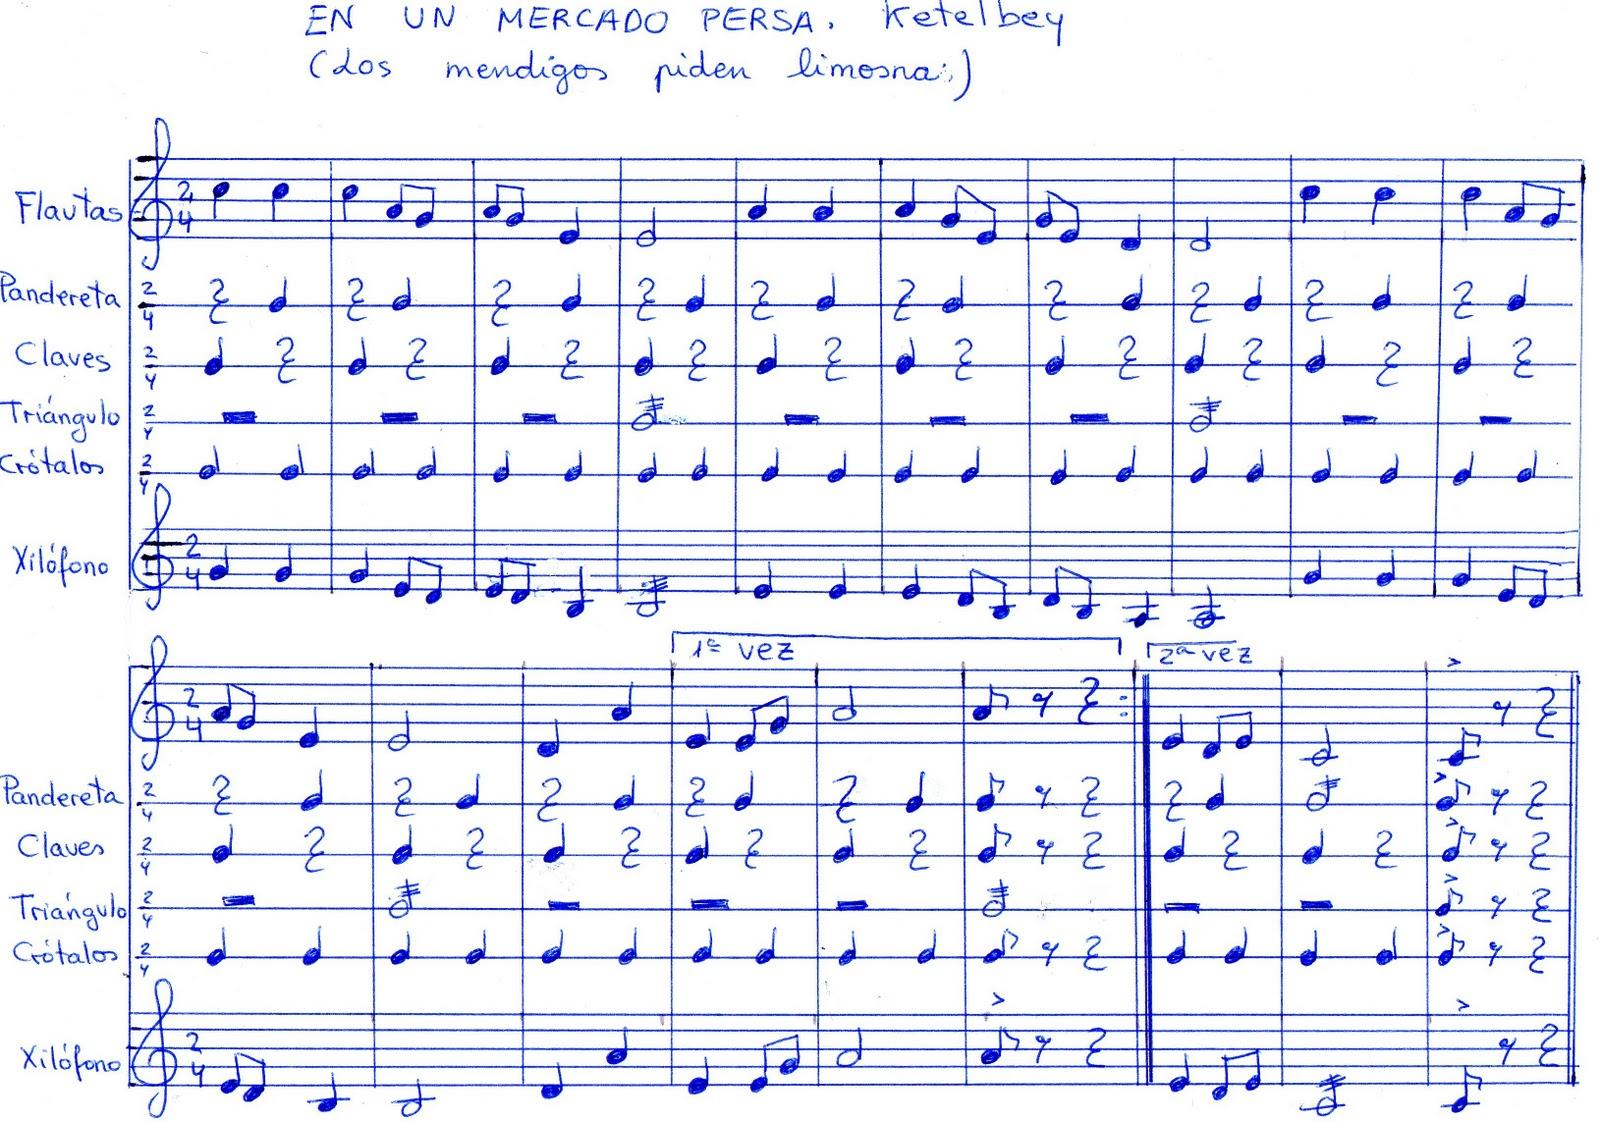 """Blog de música. Los Minimozarts: Albert Ketelbey """"En un ..."""